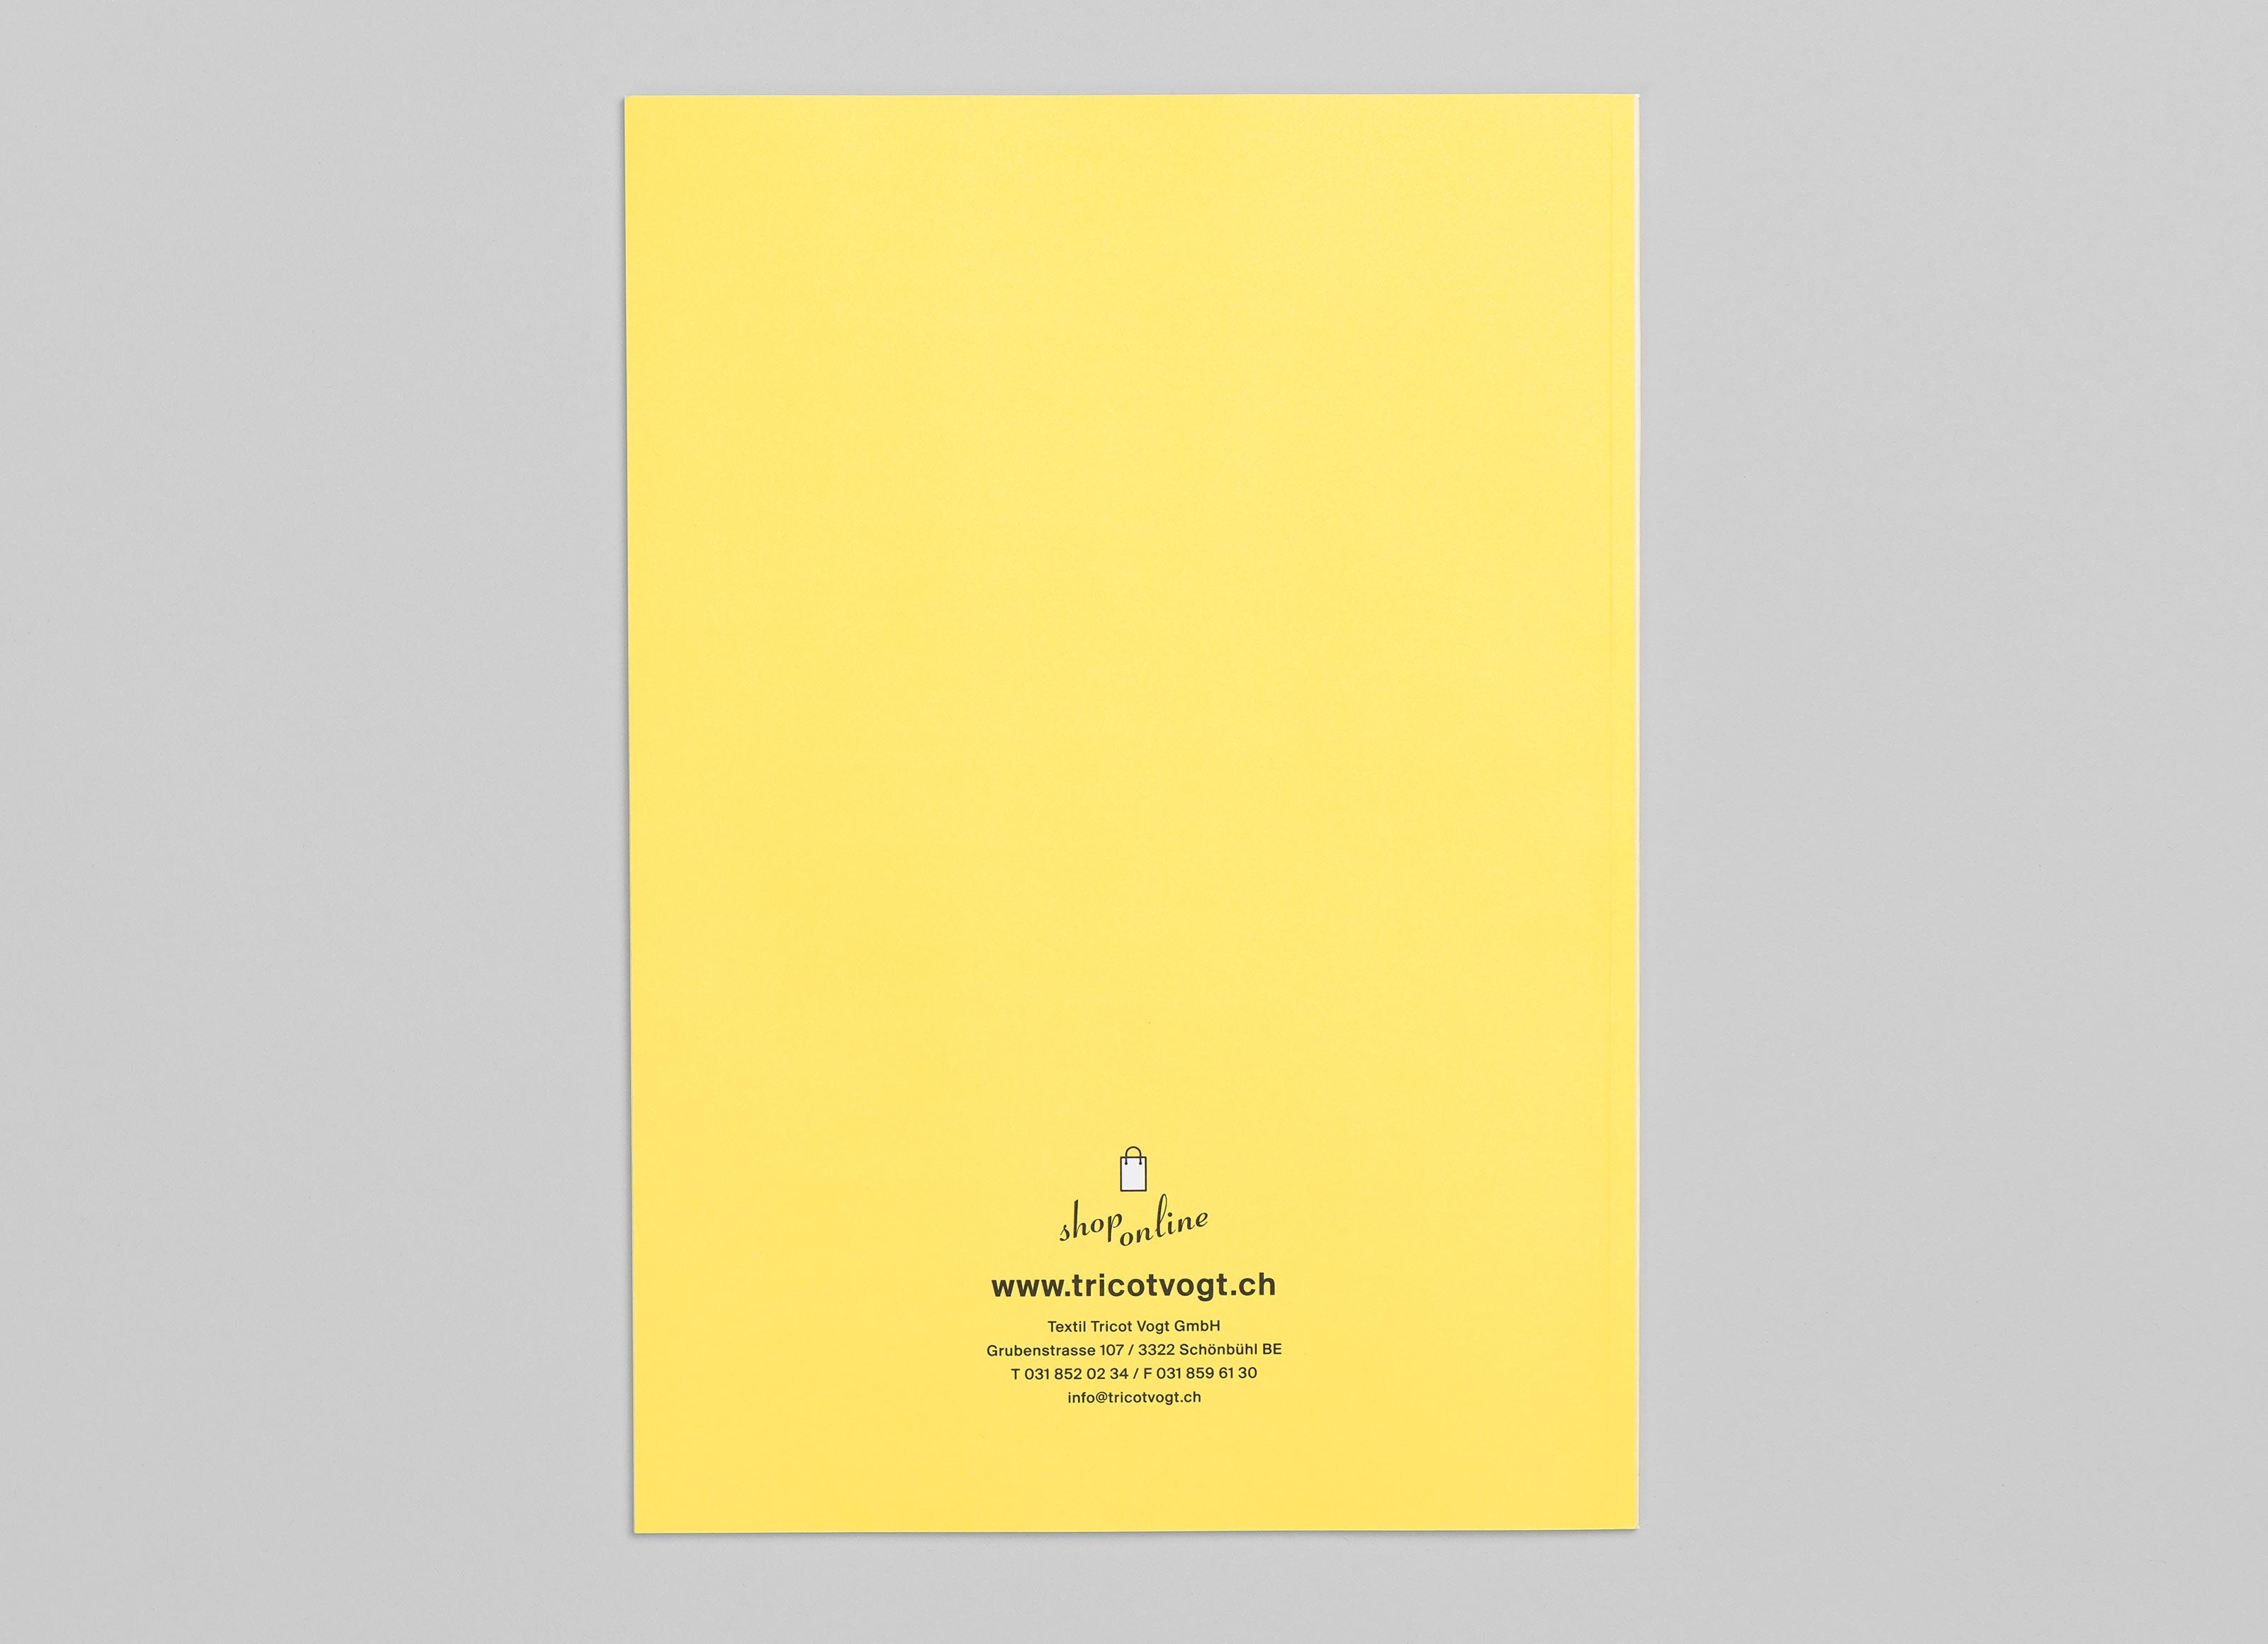 Textil Tricot Vogt – Katalog 2017/18, back ©Atelier Pol × Barbara Hess